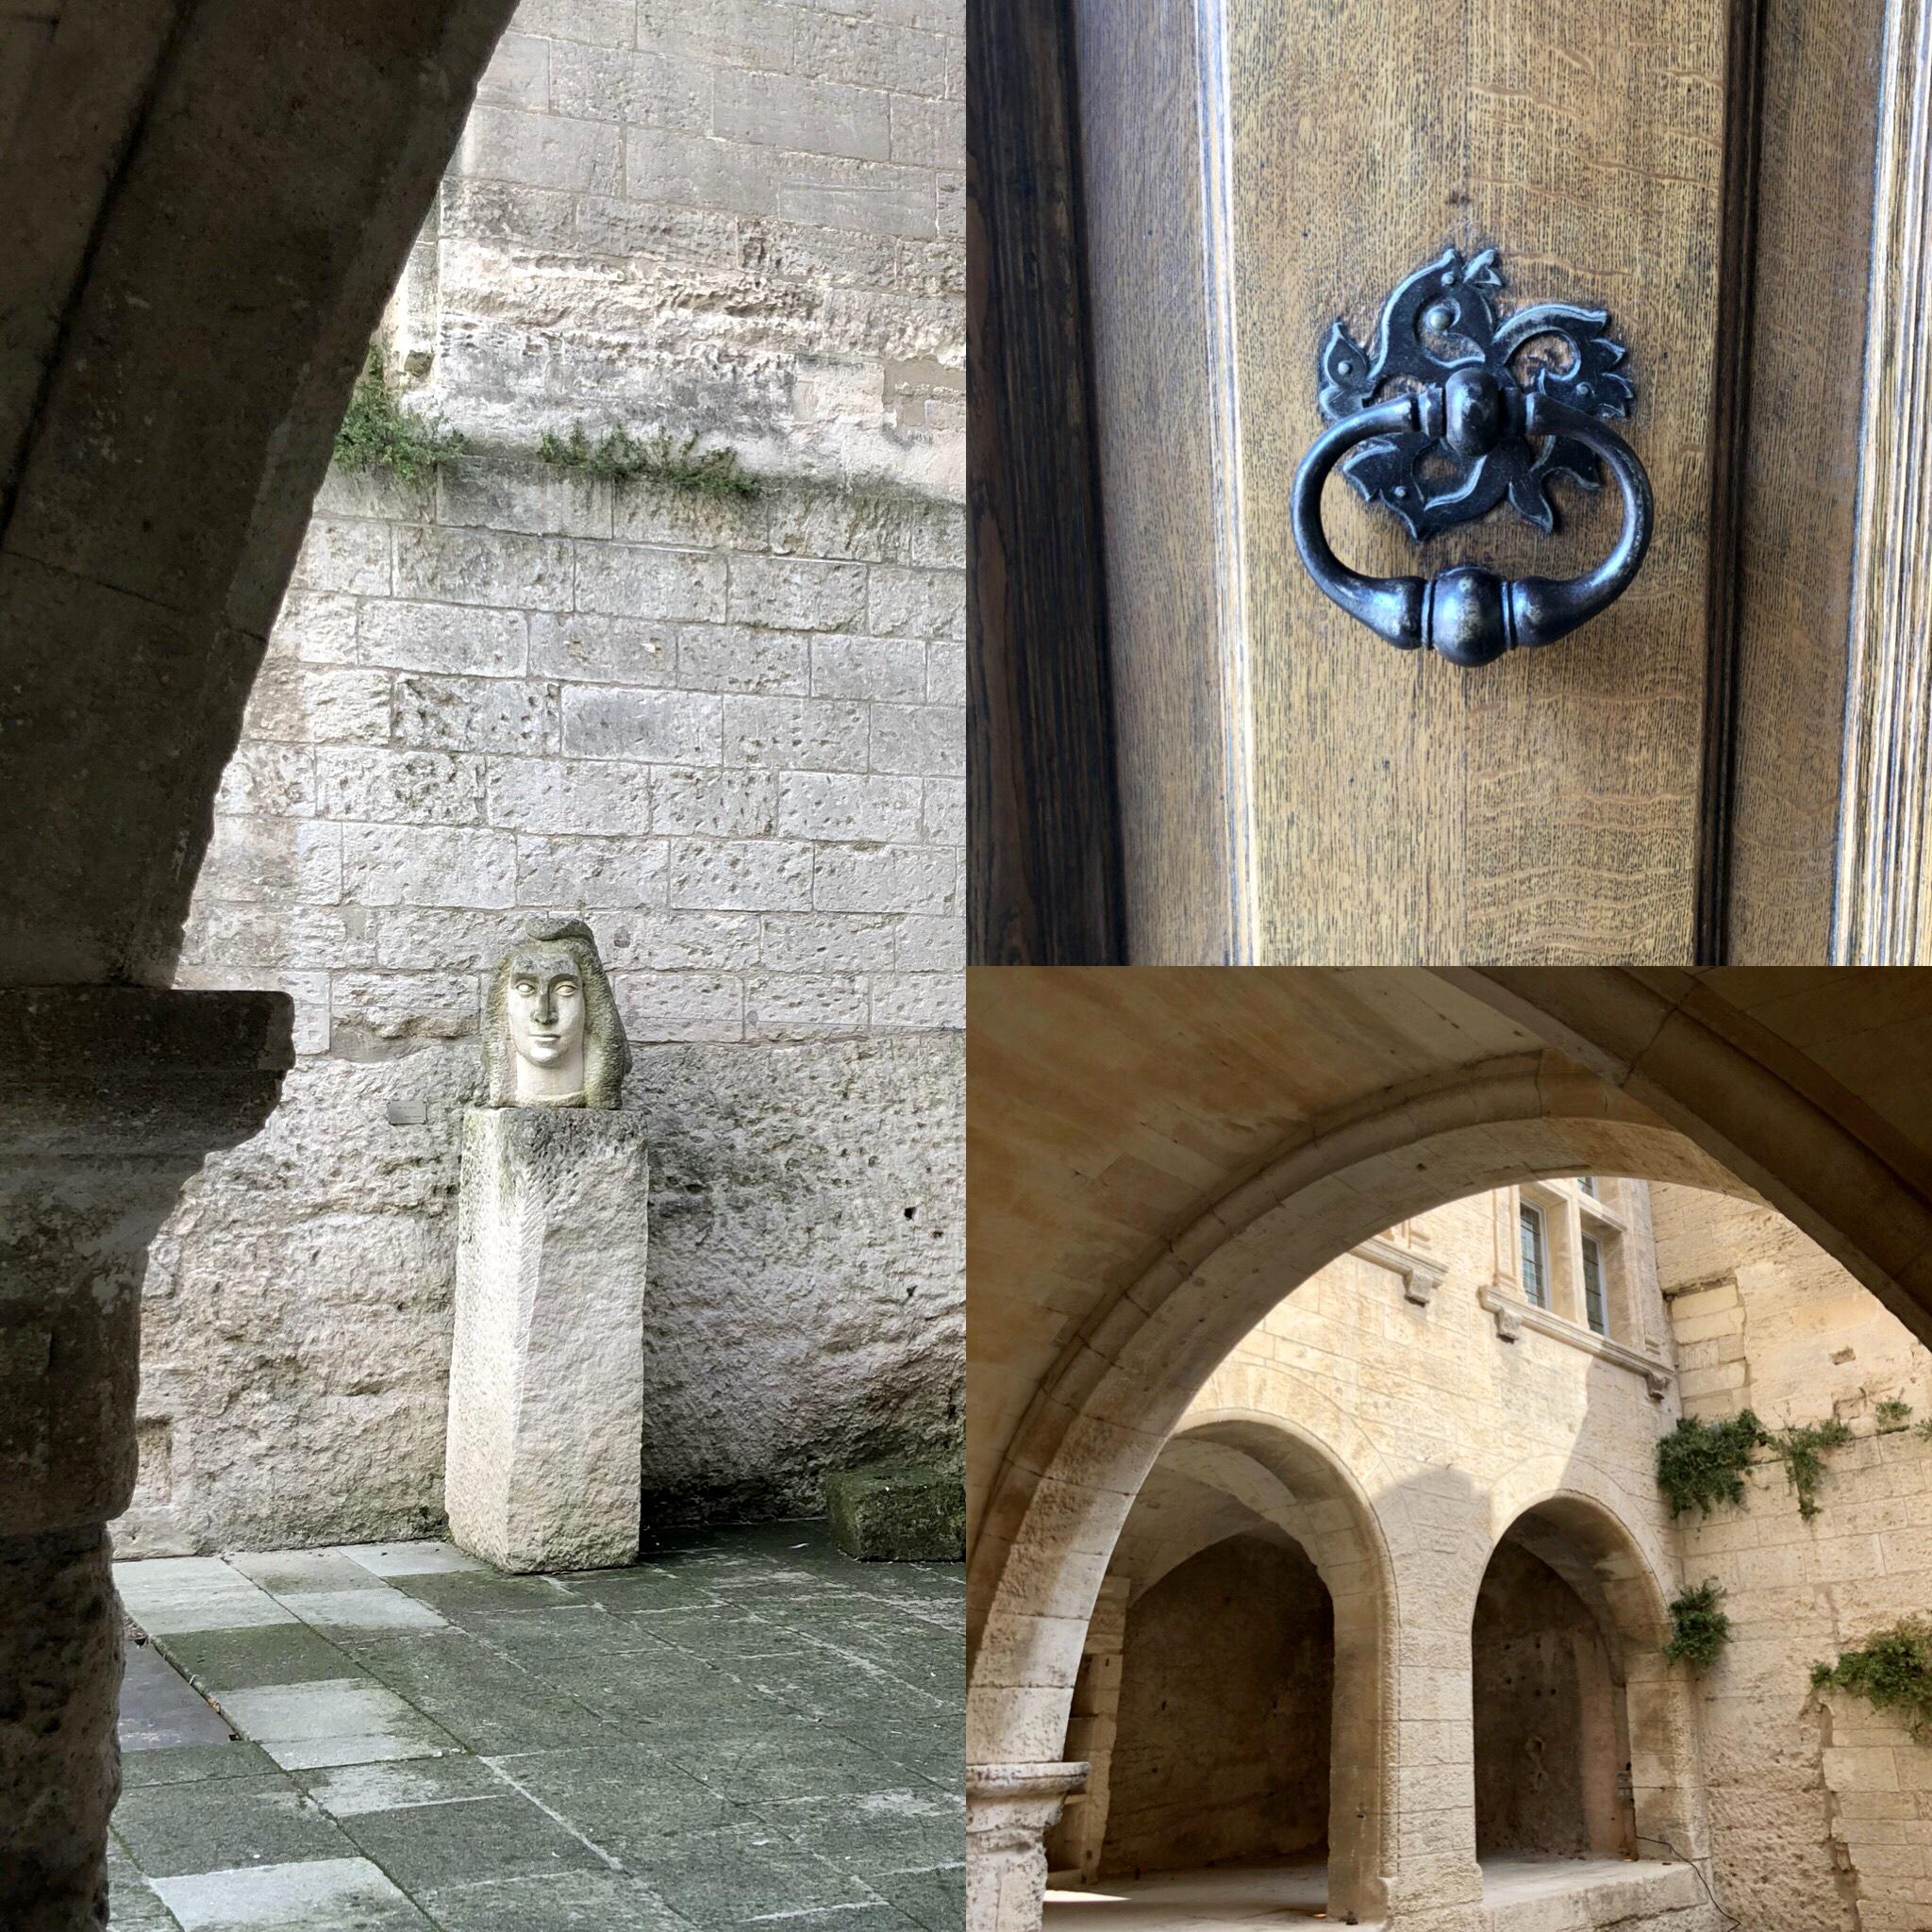 Les Baux de Provence médiéval